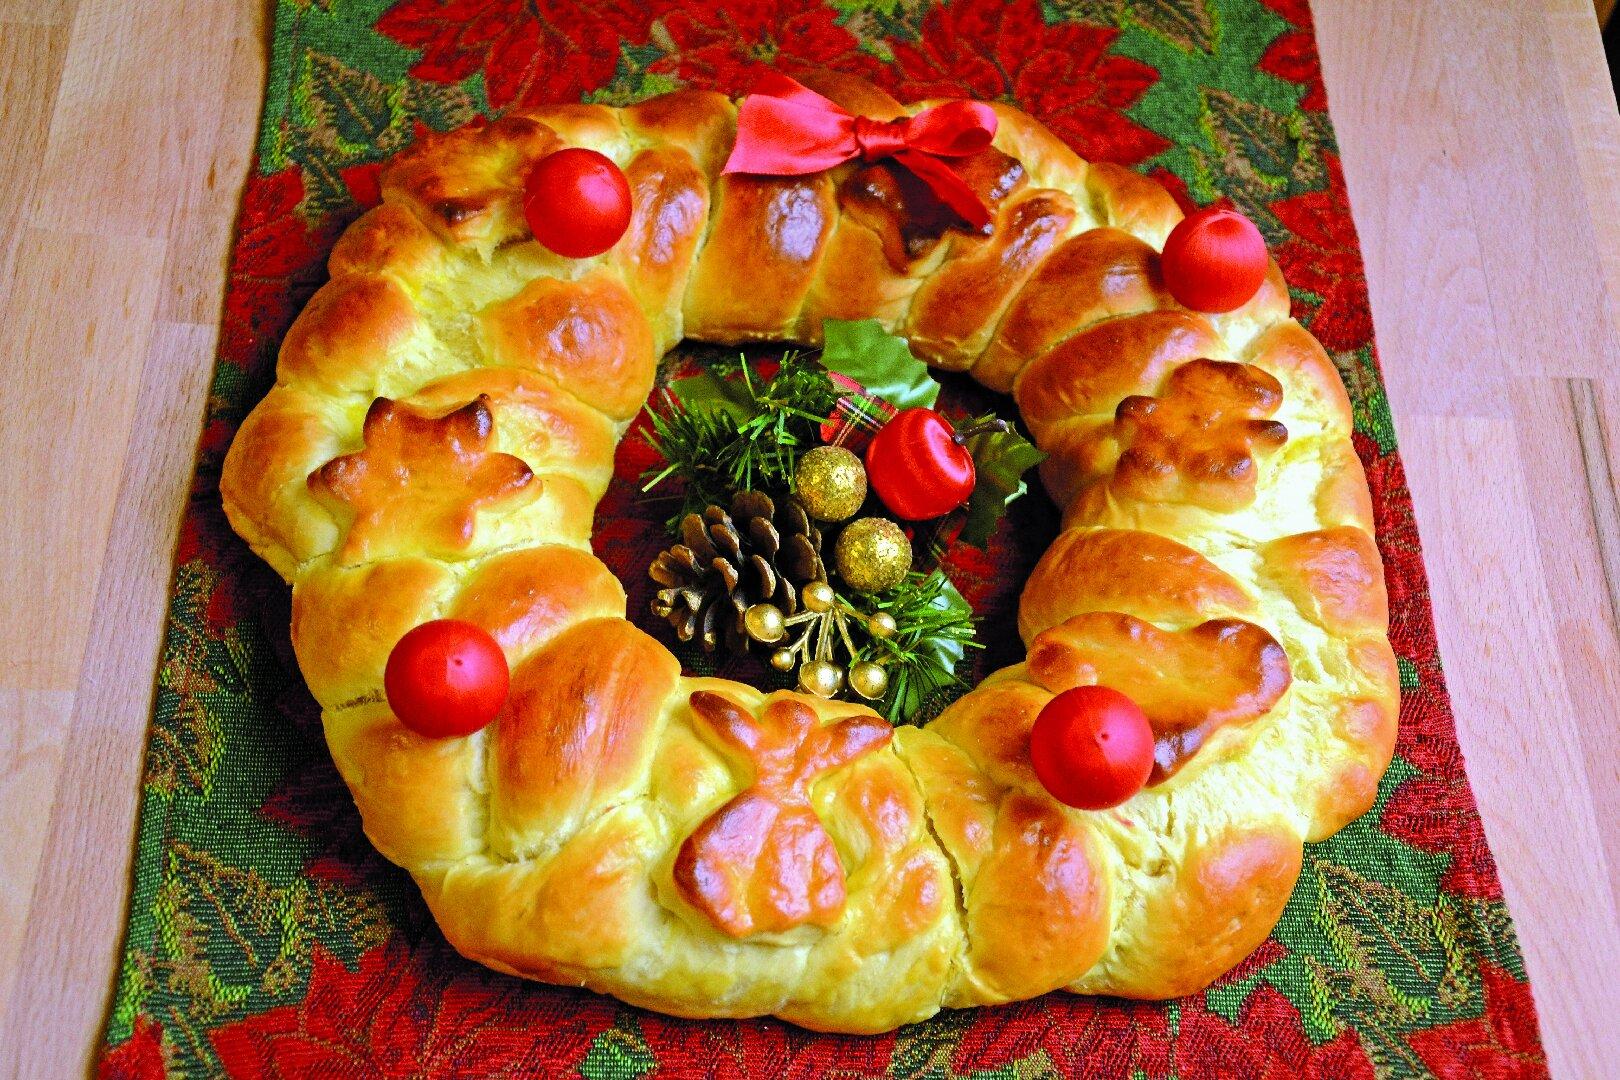 Dolci Di Natale Con Il Bimby.Ricette Ghirlanda Dolce Di Natale Preparata Con Il Bimby Agrodolce